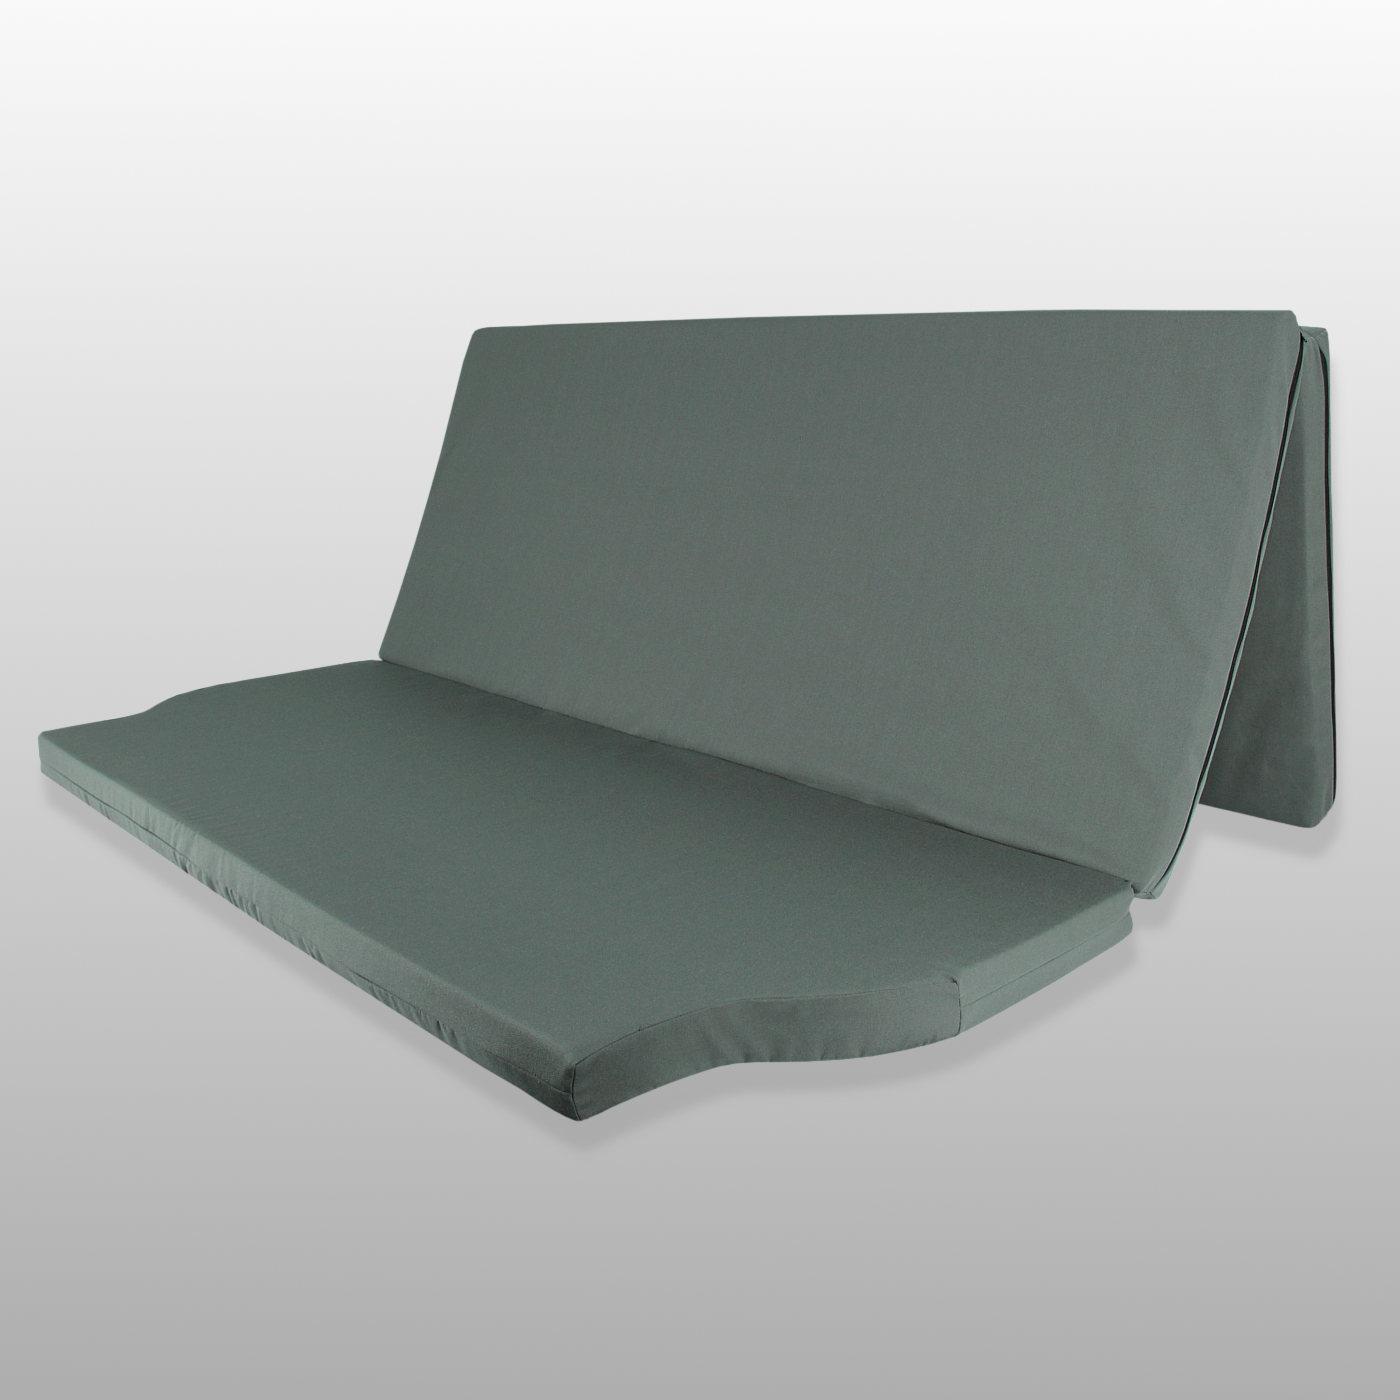 matratze t5 multivan die beste matratze. Black Bedroom Furniture Sets. Home Design Ideas